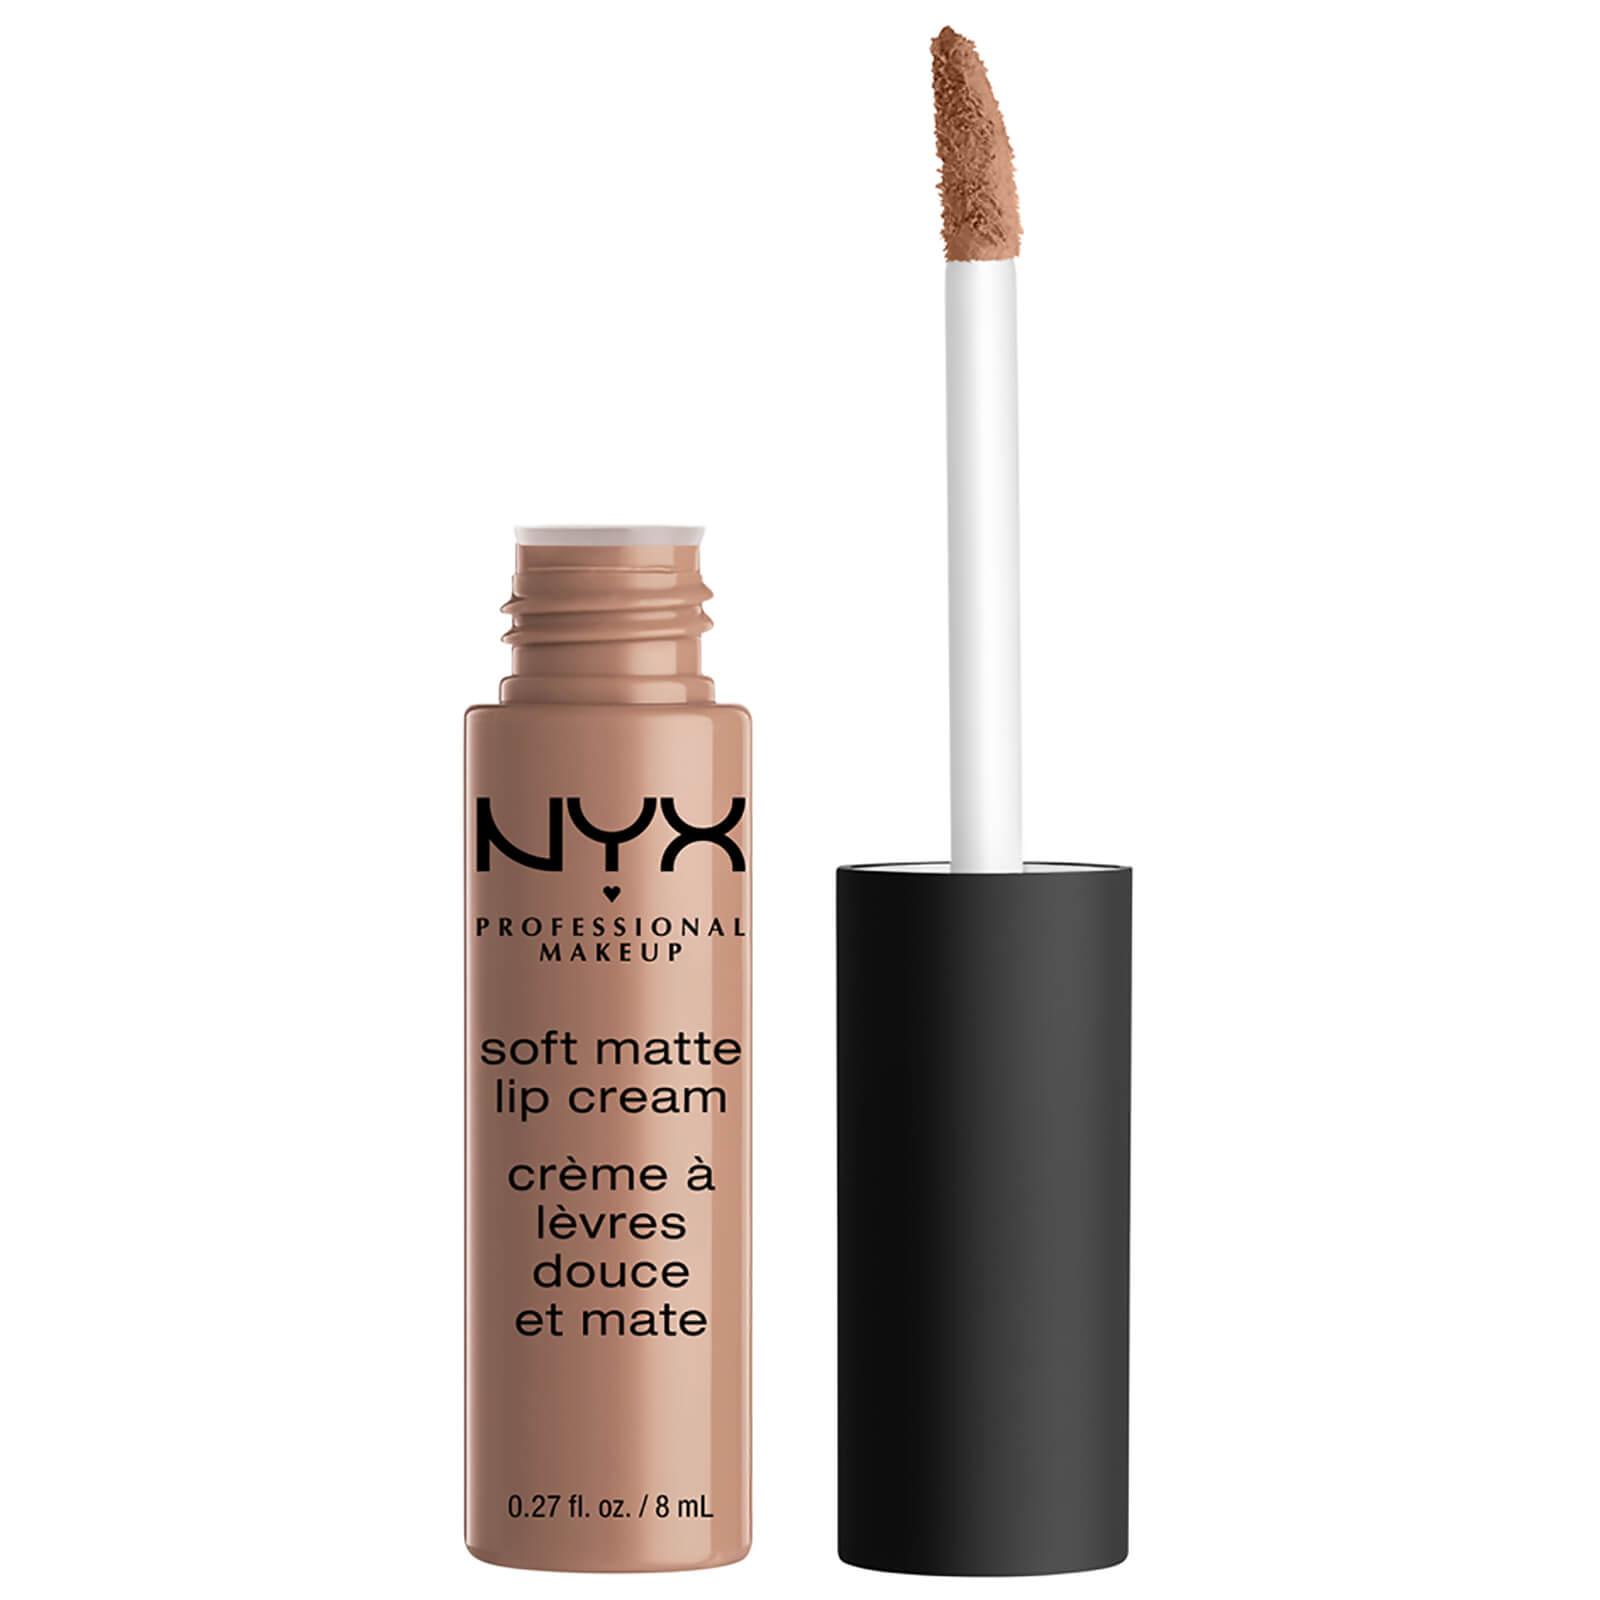 Купить Матовая жидкая помада NYX Professional Makeup Soft Matte Lip Cream (разные оттенки) - London